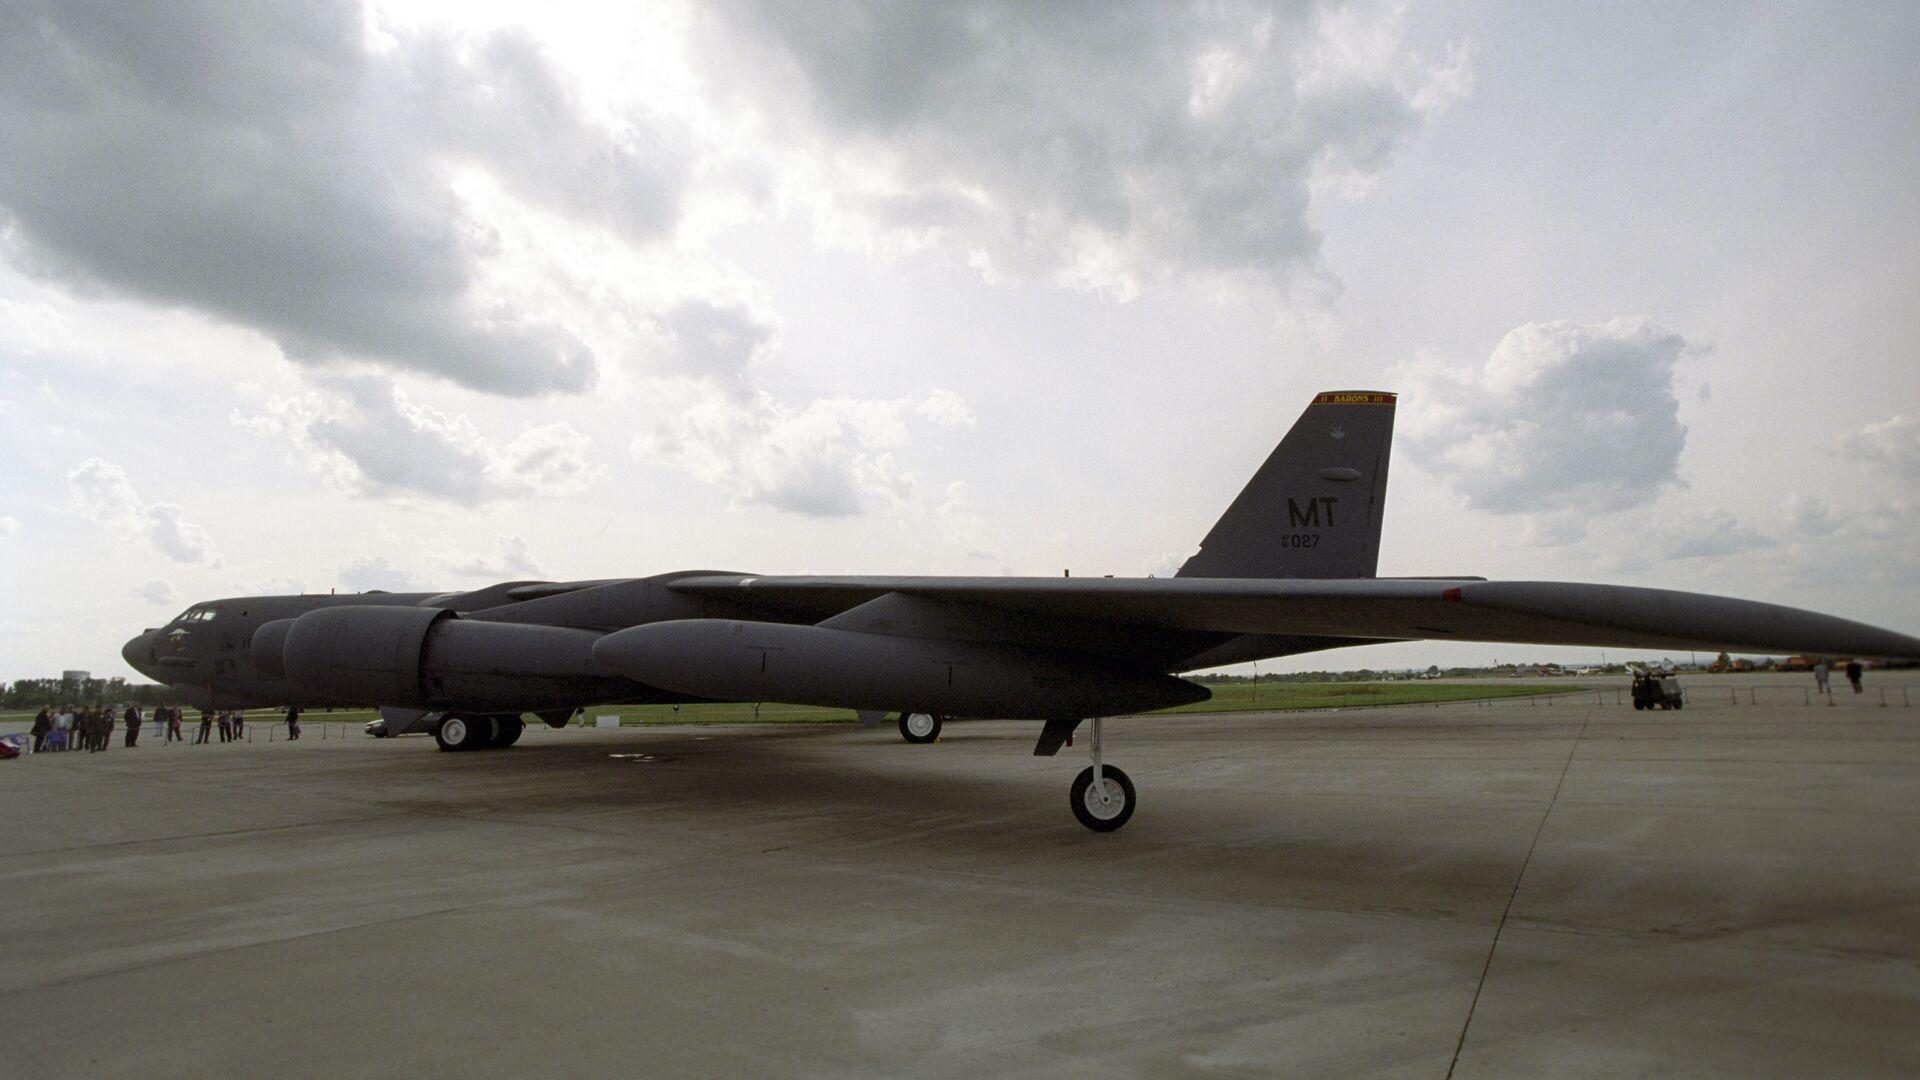 Стратегический американский бомбардировщик B-52. Архивное фото - Sputnik Тоҷикистон, 1920, 12.09.2021